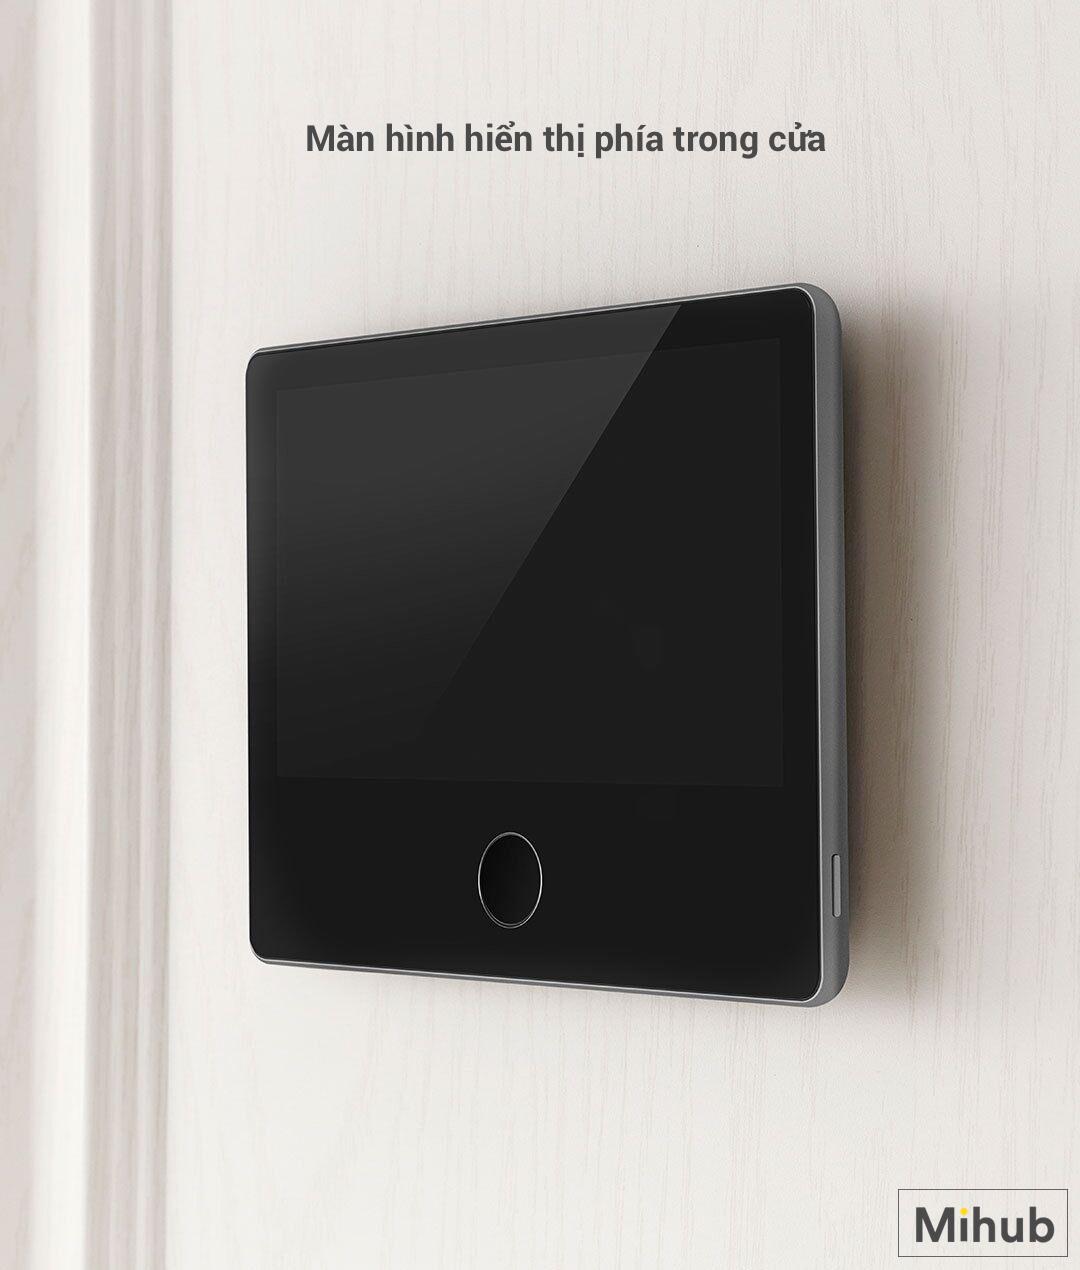 Địa chỉ nhập hàng Chuông Cửa Video Thông Minh Xiaomi LOOCK CatY LSC-Y01